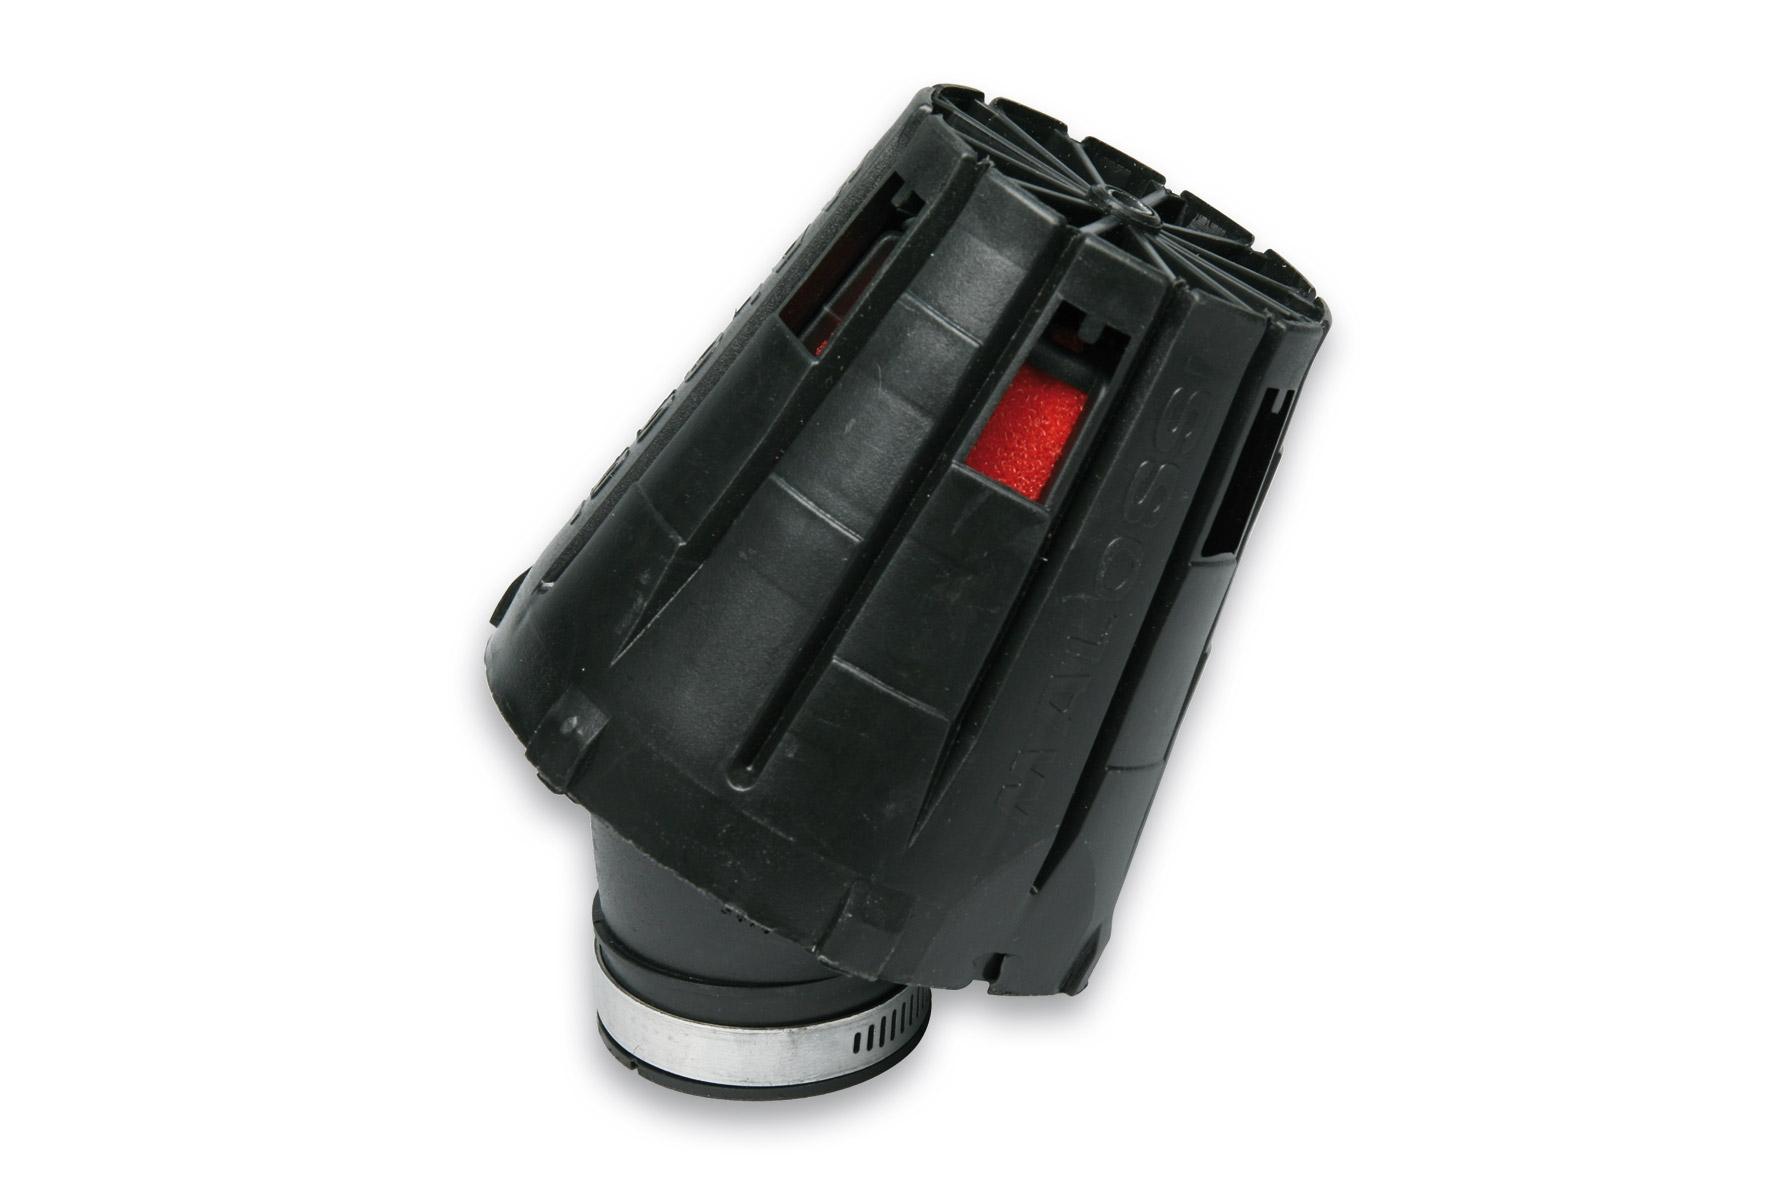 Filtre à air Malossi Red Filter E5 D.38 incliné 30 couvercle noir